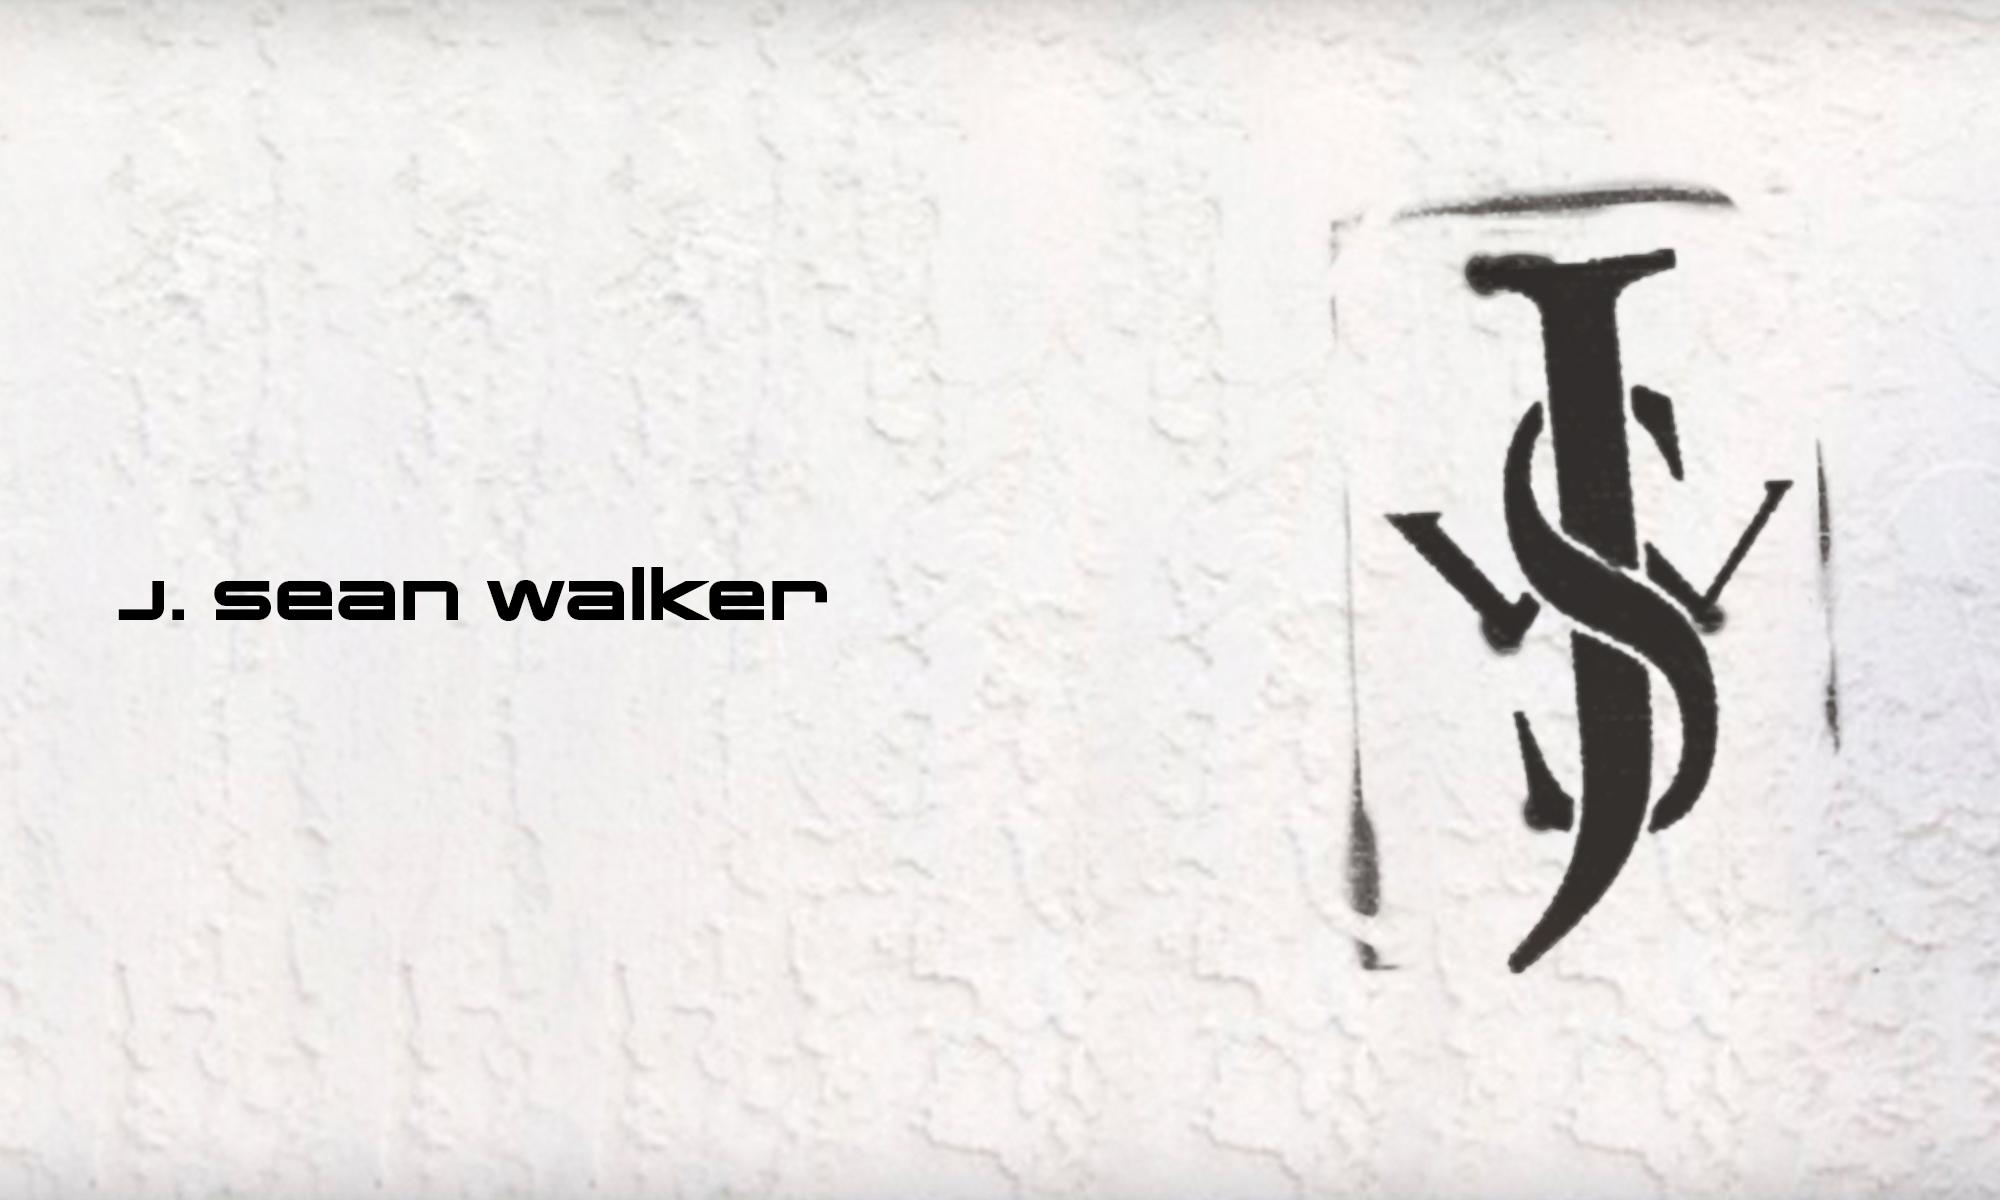 J. Sean Walker